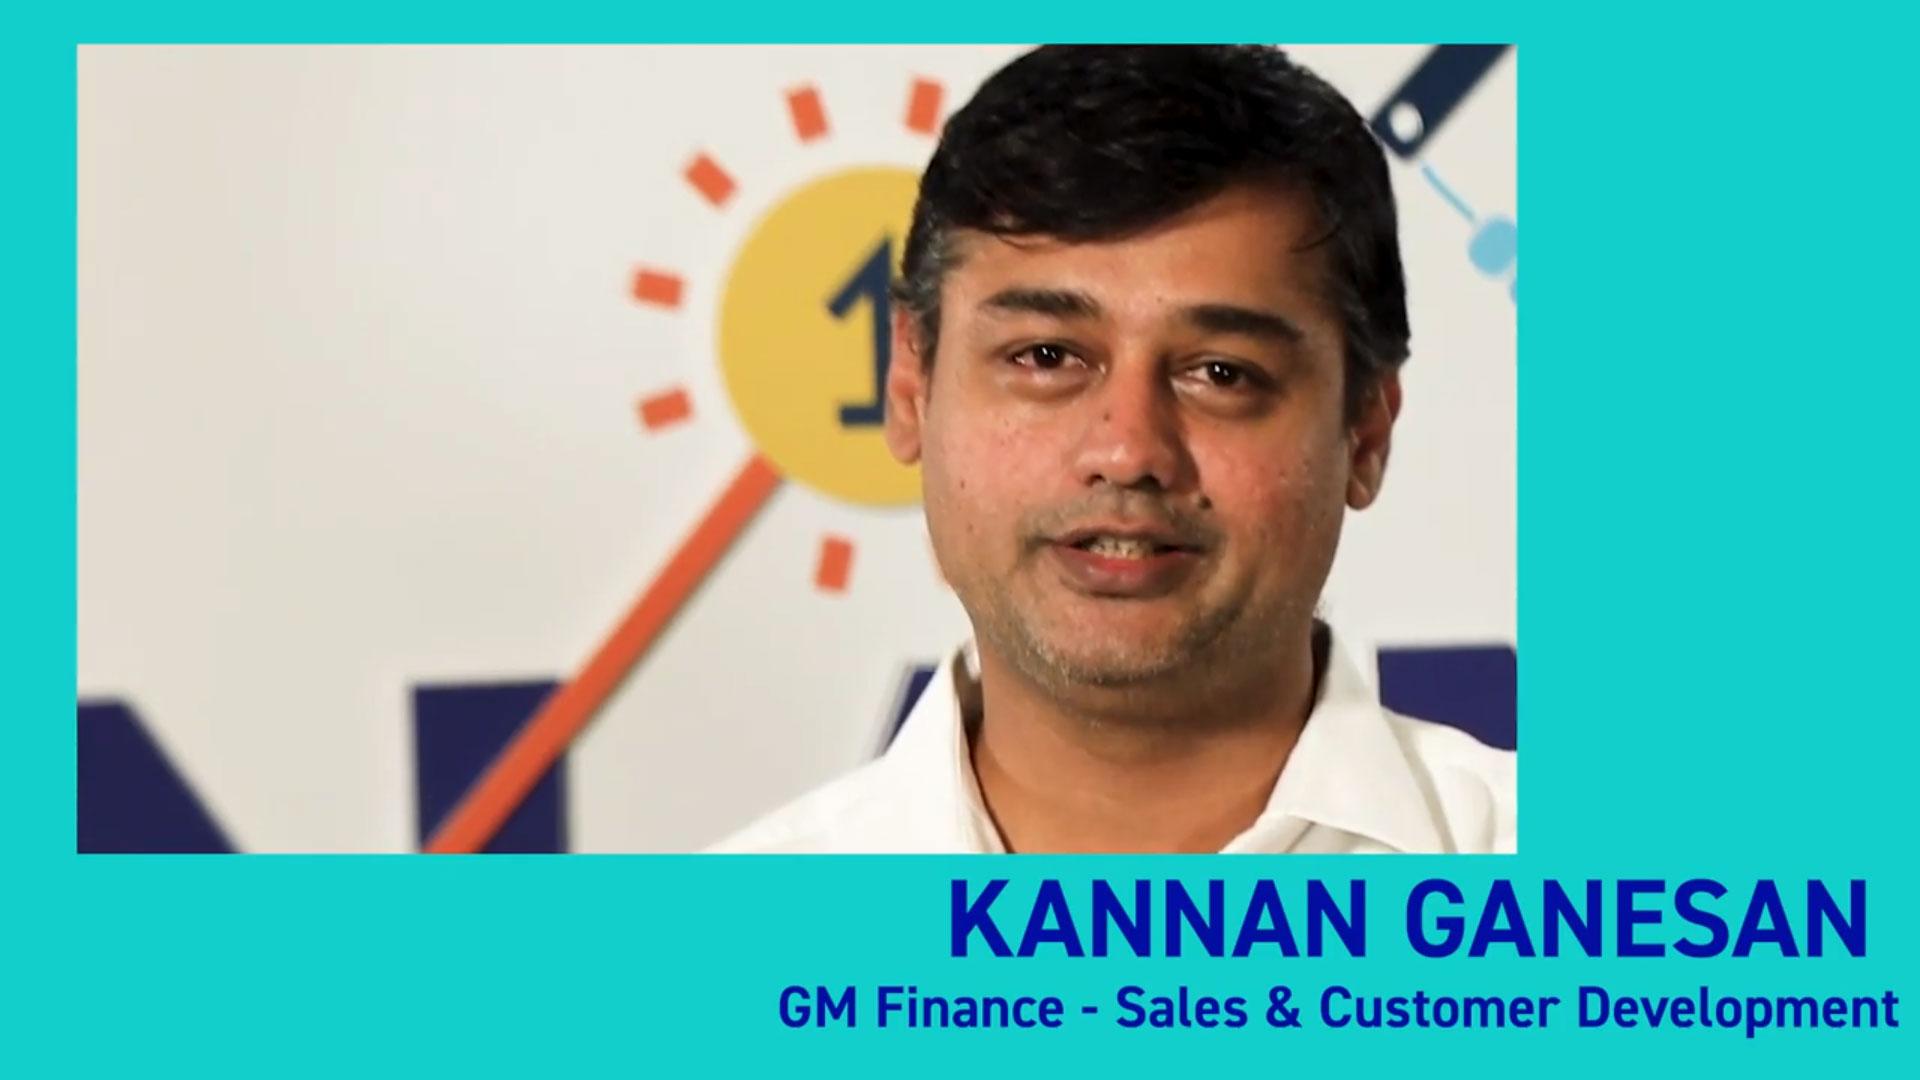 Kannan Ganesan GM Finance - Sales & Customer Development